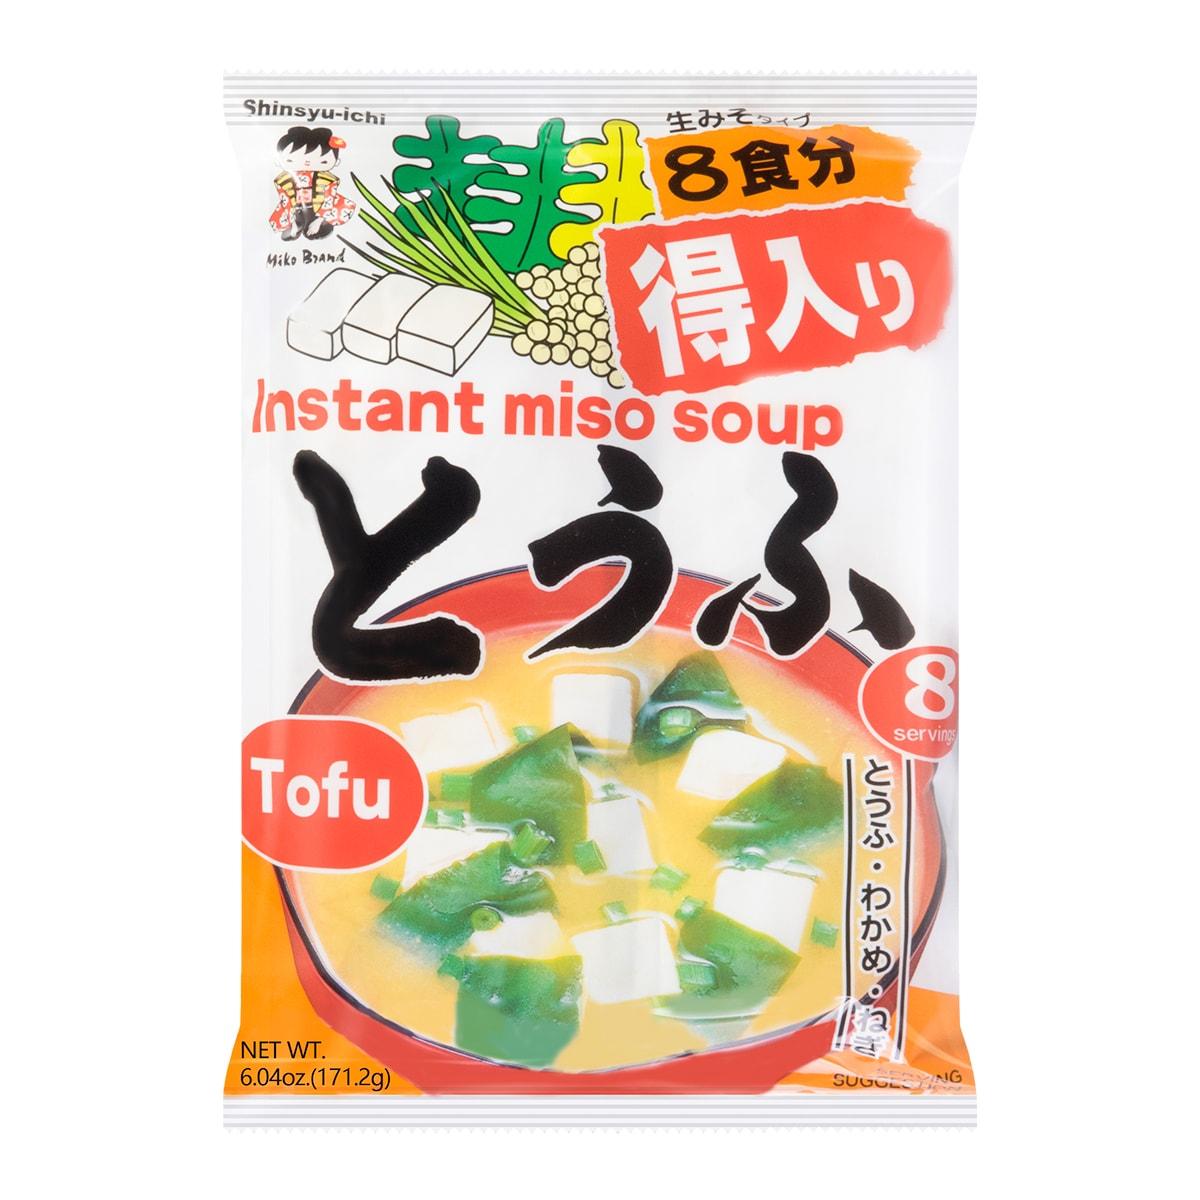 日本神州一味噌 速冲即食豆腐味噌汤 8包入 171.2g